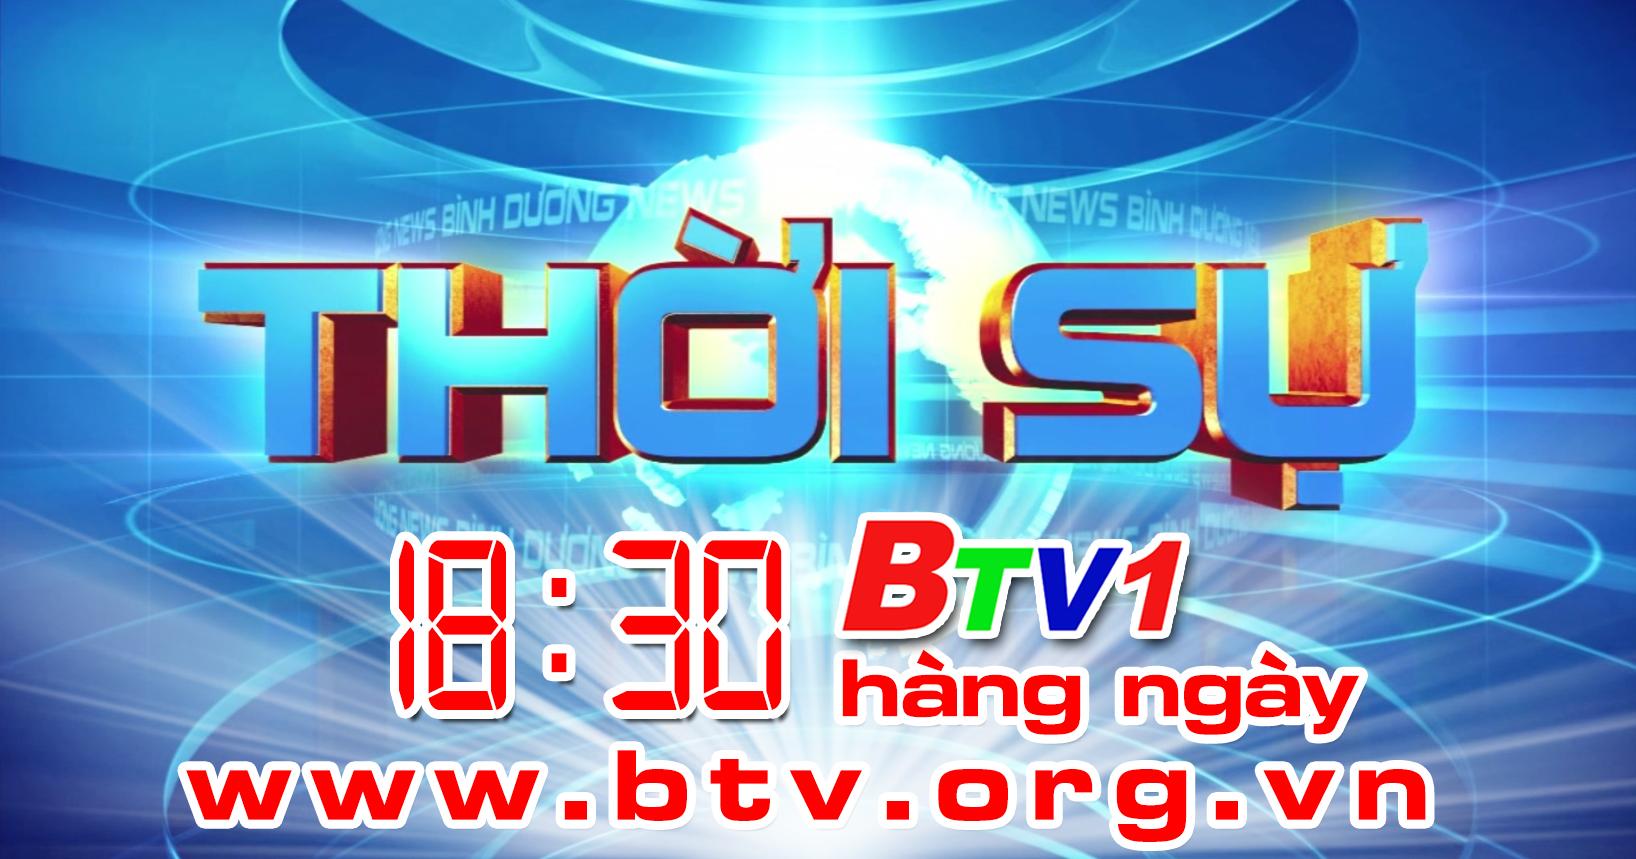 Chương trình 18 giờ 30 ngày 19/4/2021